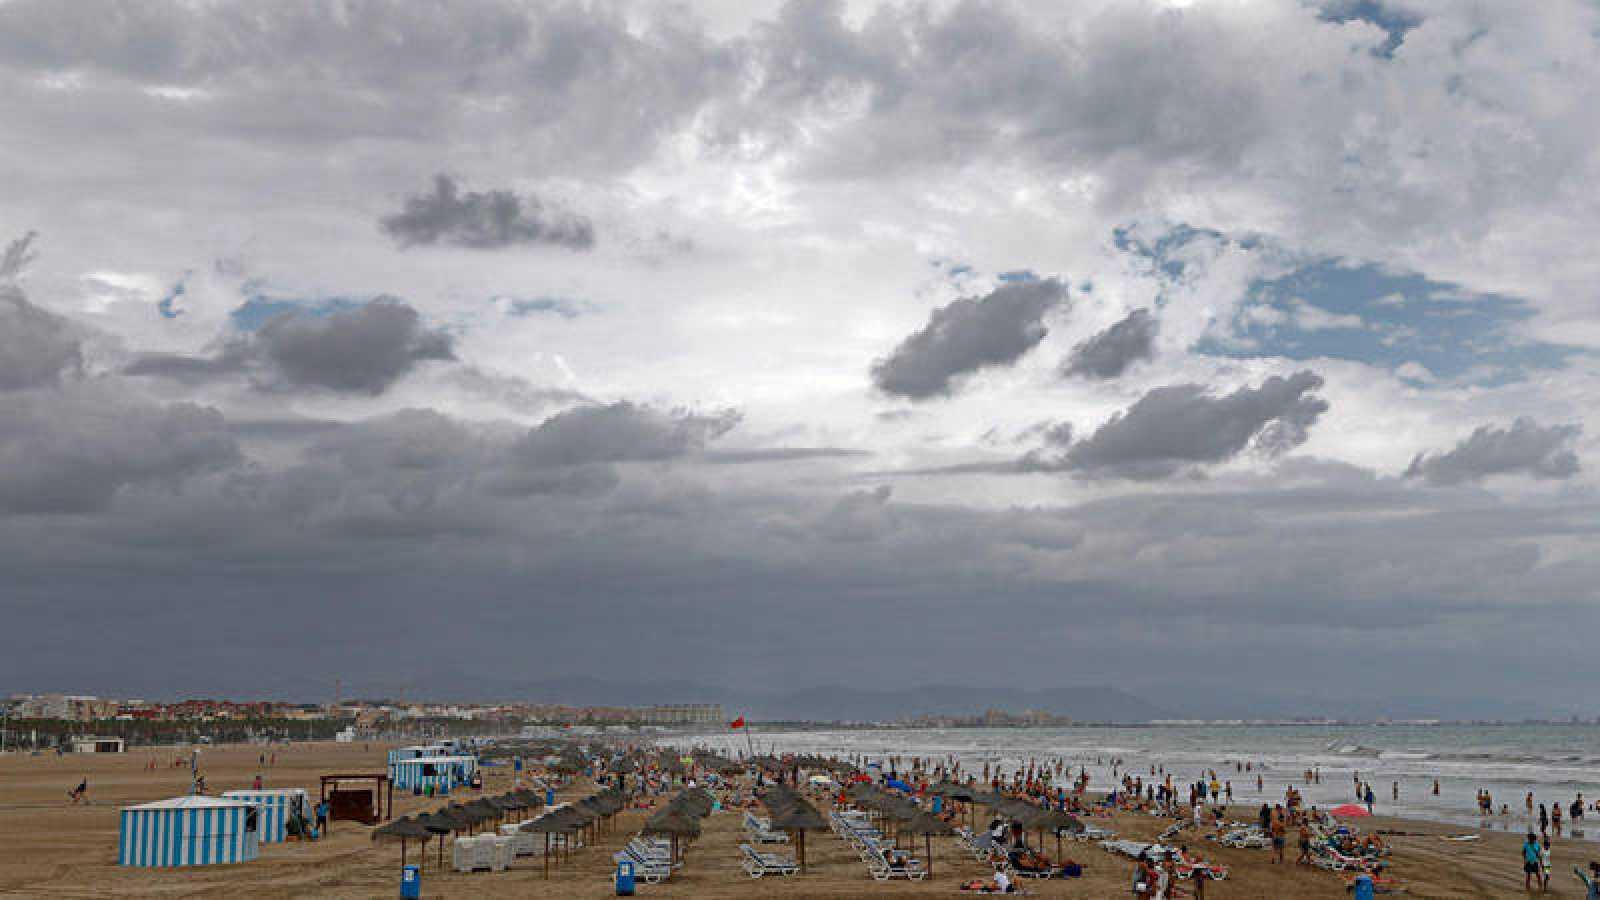 El temporal impide el baño en una playa de Valencia